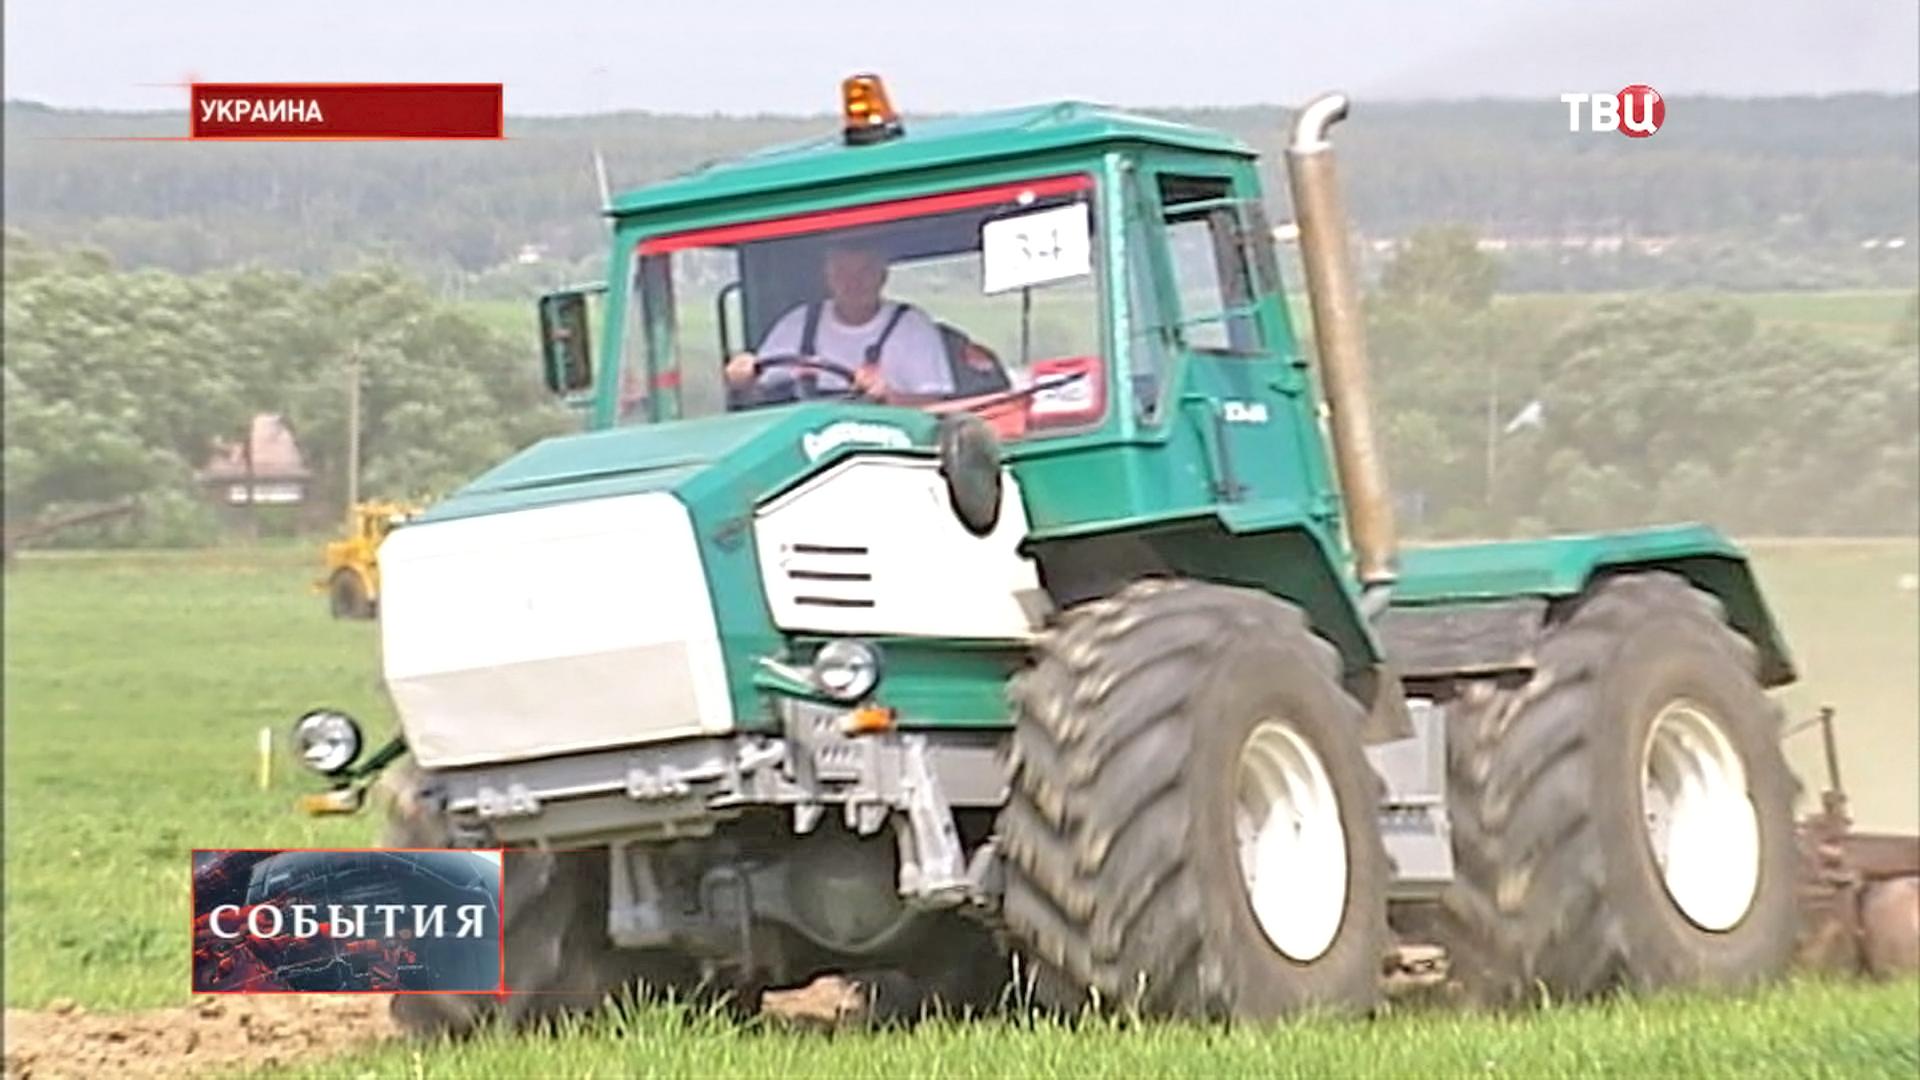 Трактор на поле Украины